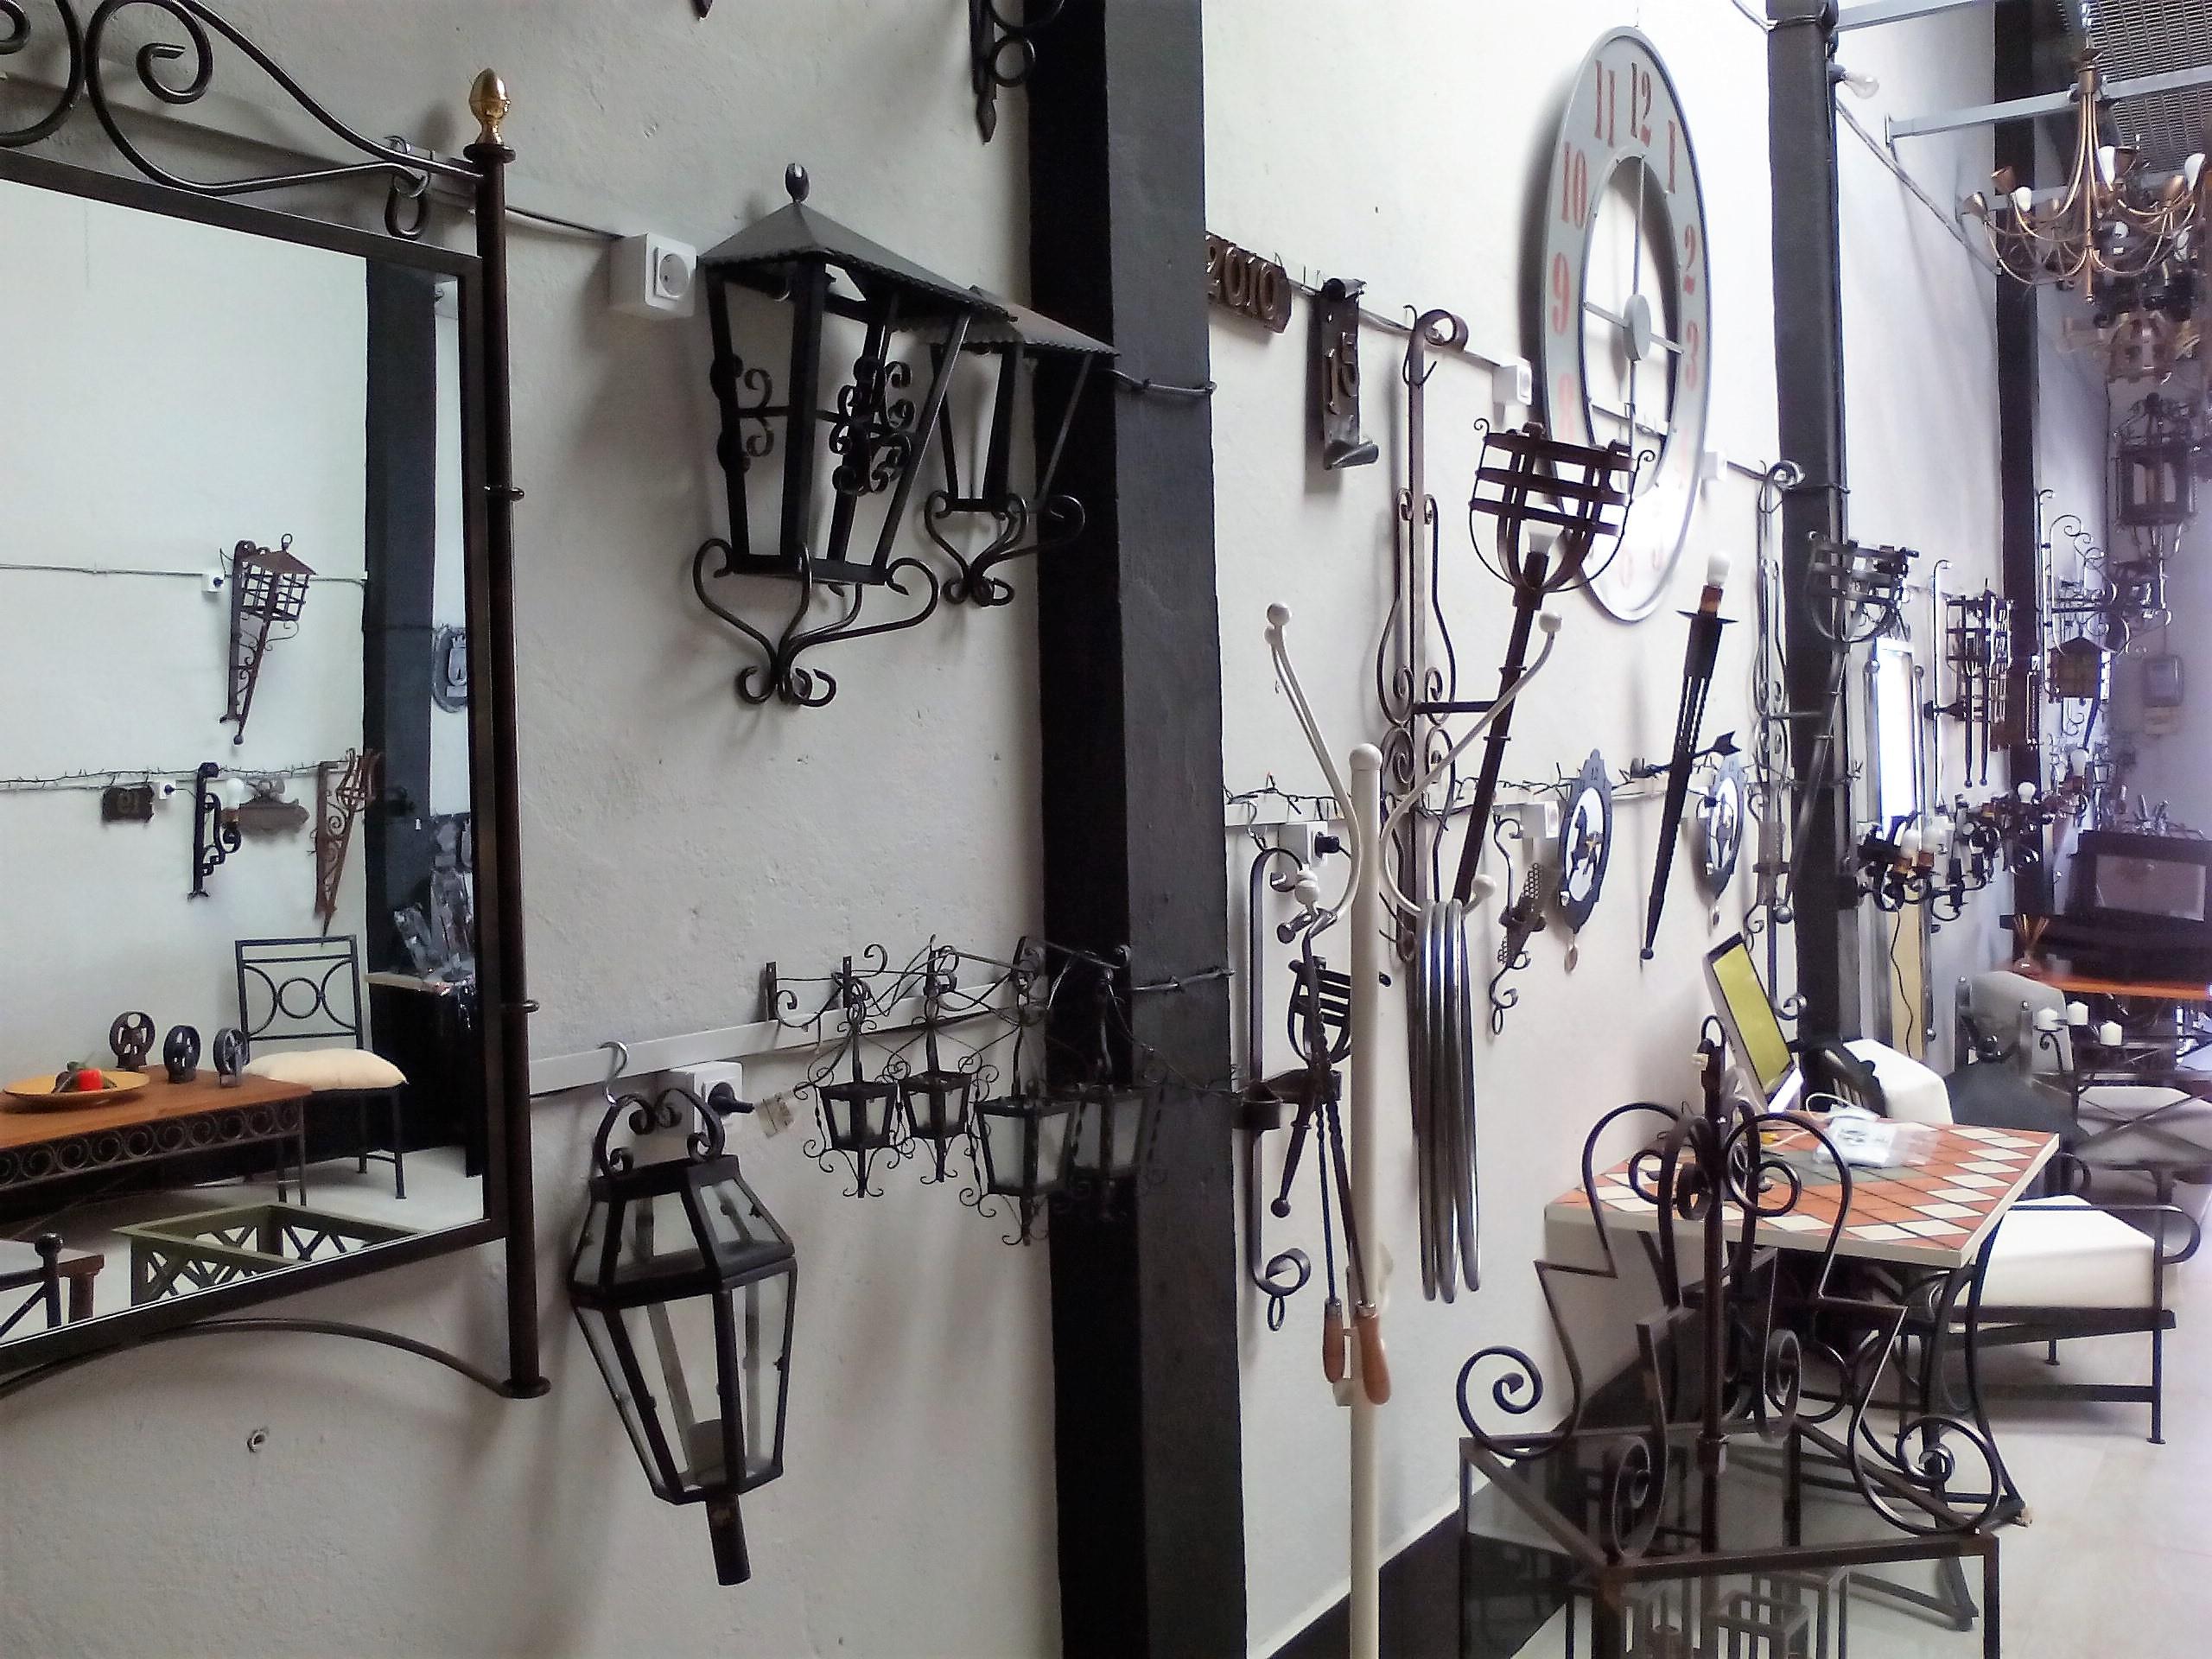 españa artesano forja industrial extremadura arte forja – villafranca de los barros